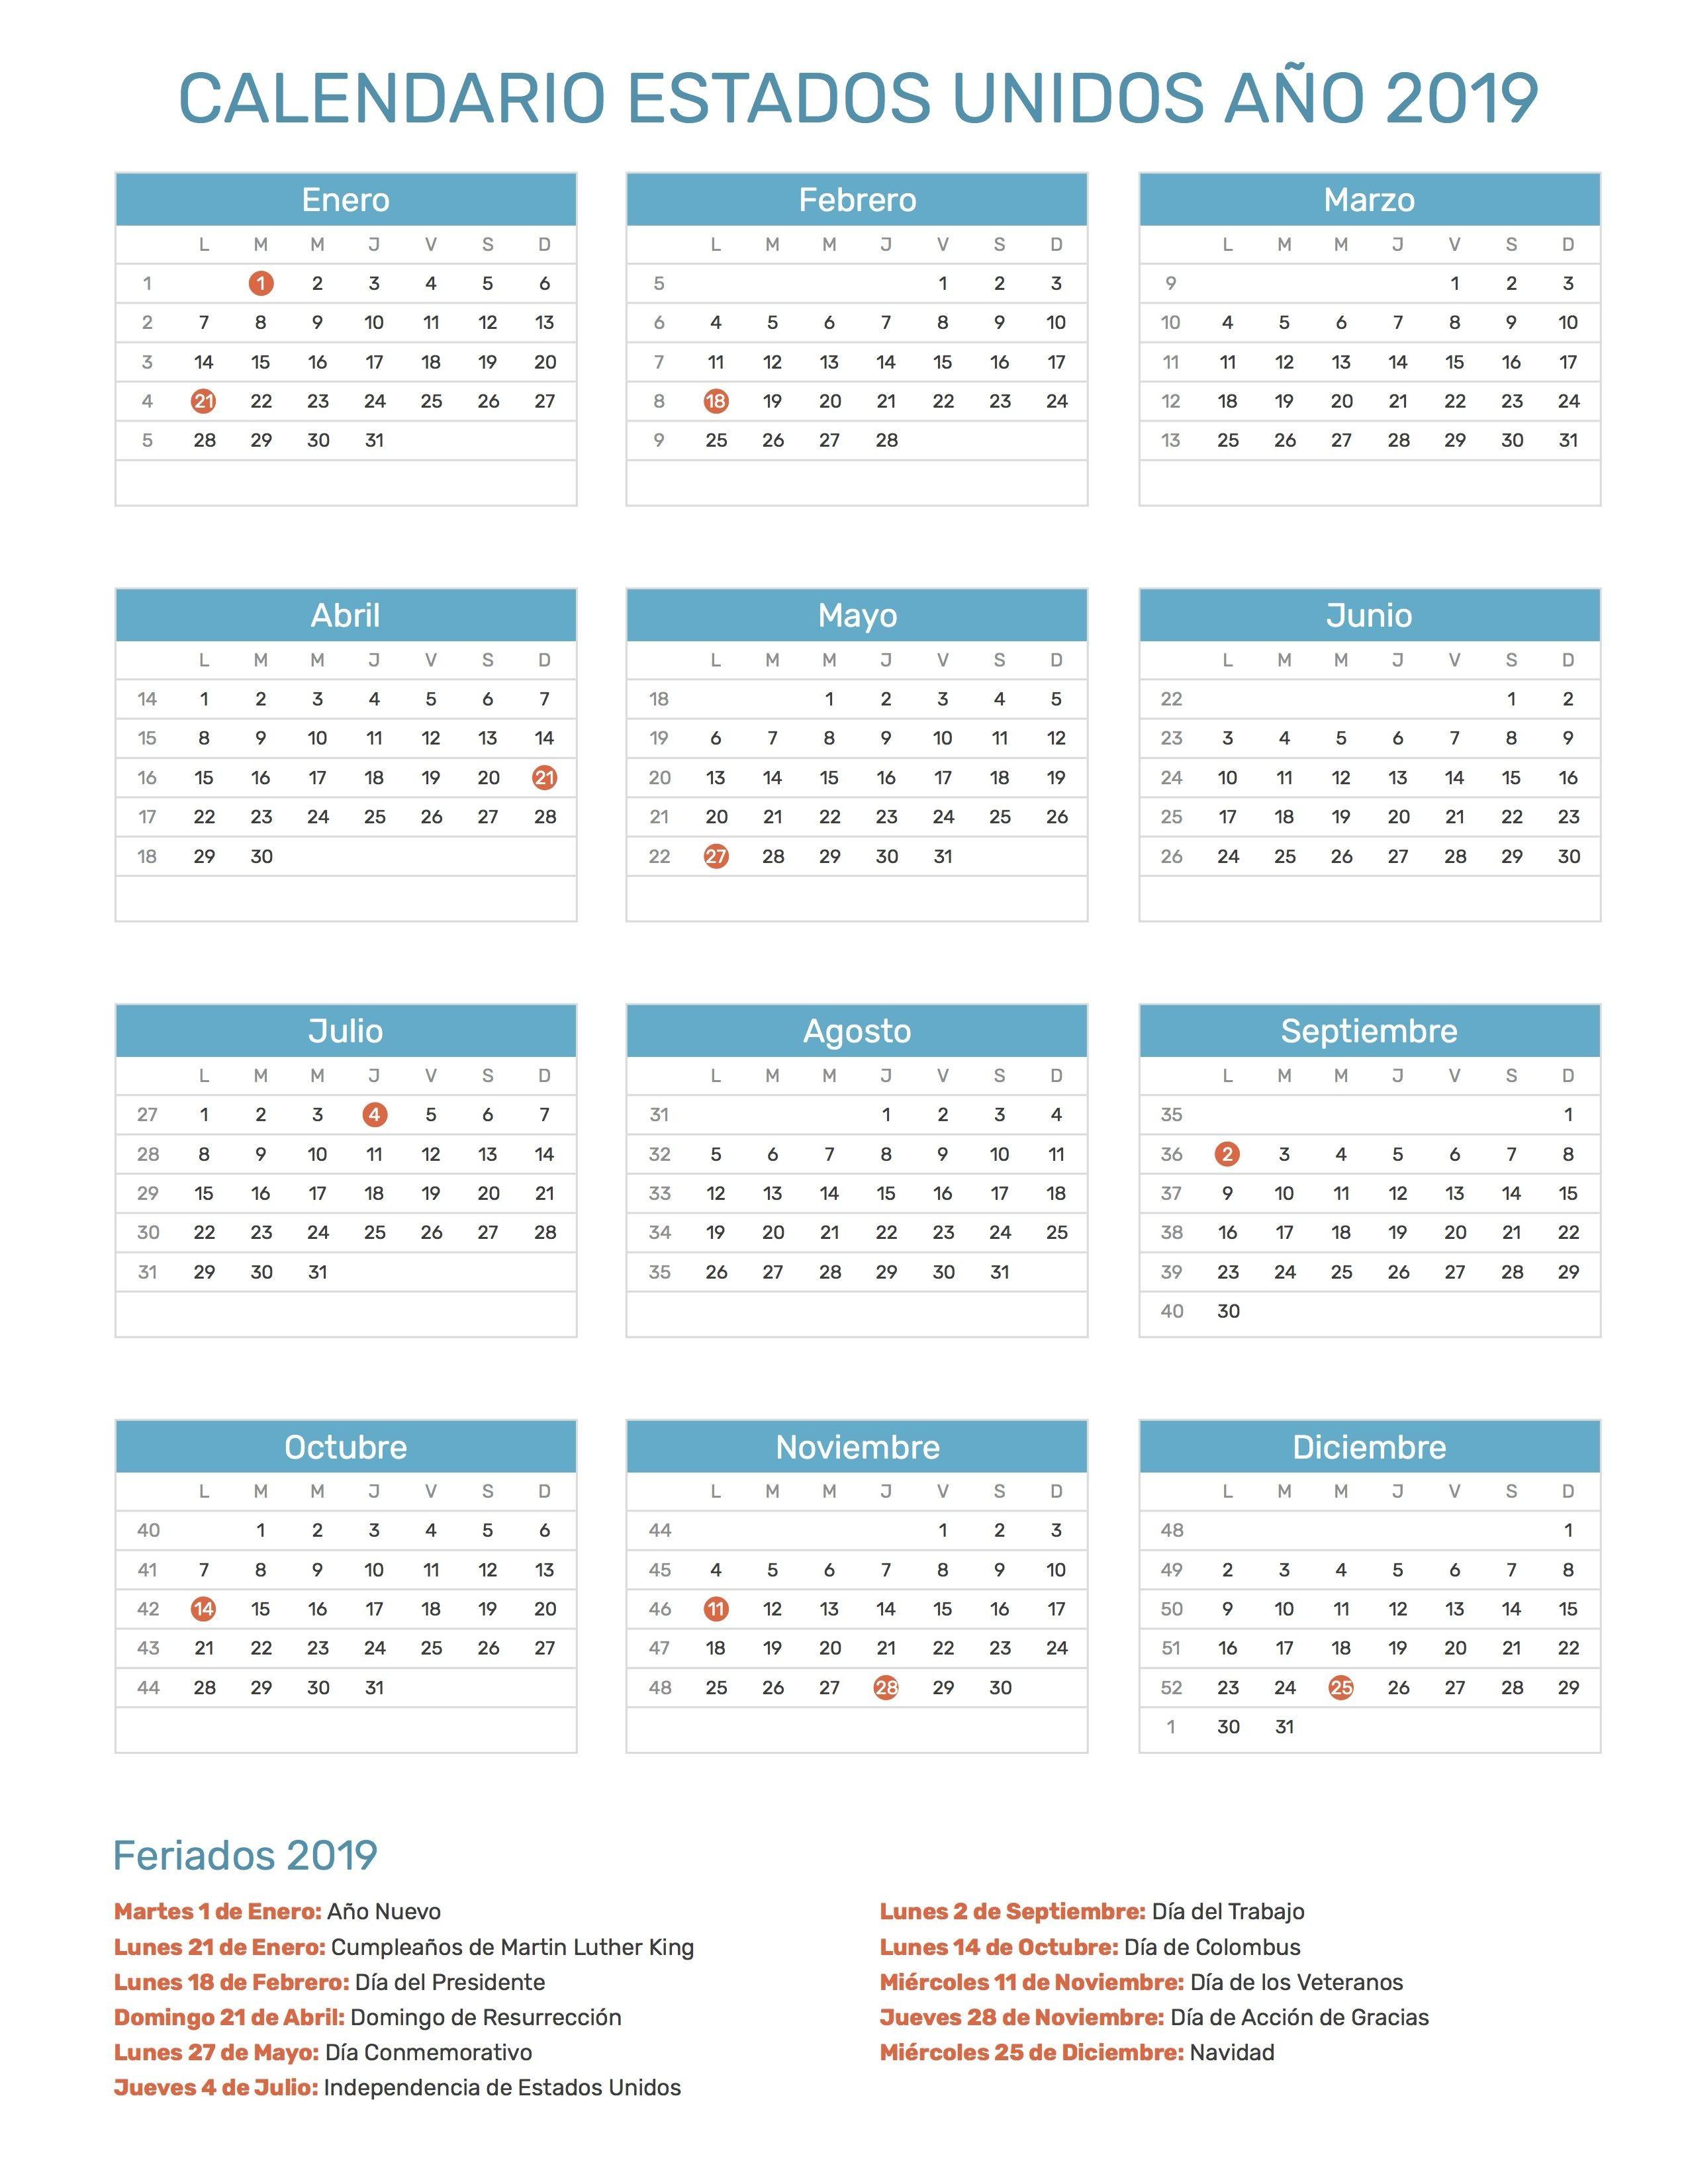 Formato Jpg Pdf Brazil United States Calendar Holidays